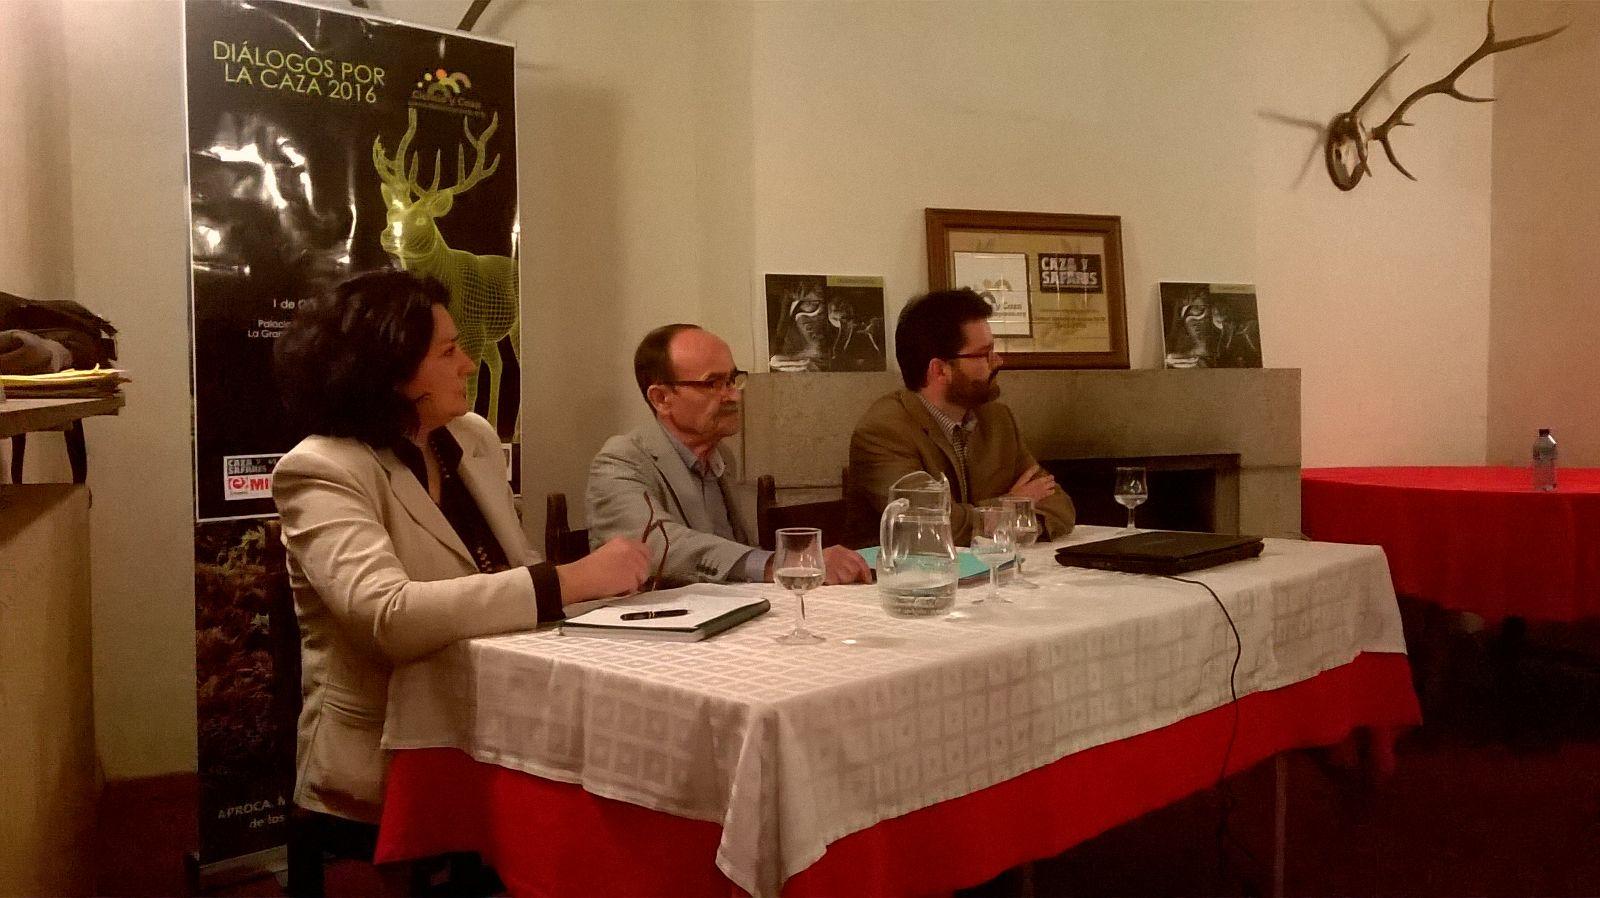 Mutuasport participa en los Diálogos por la Caza 2016